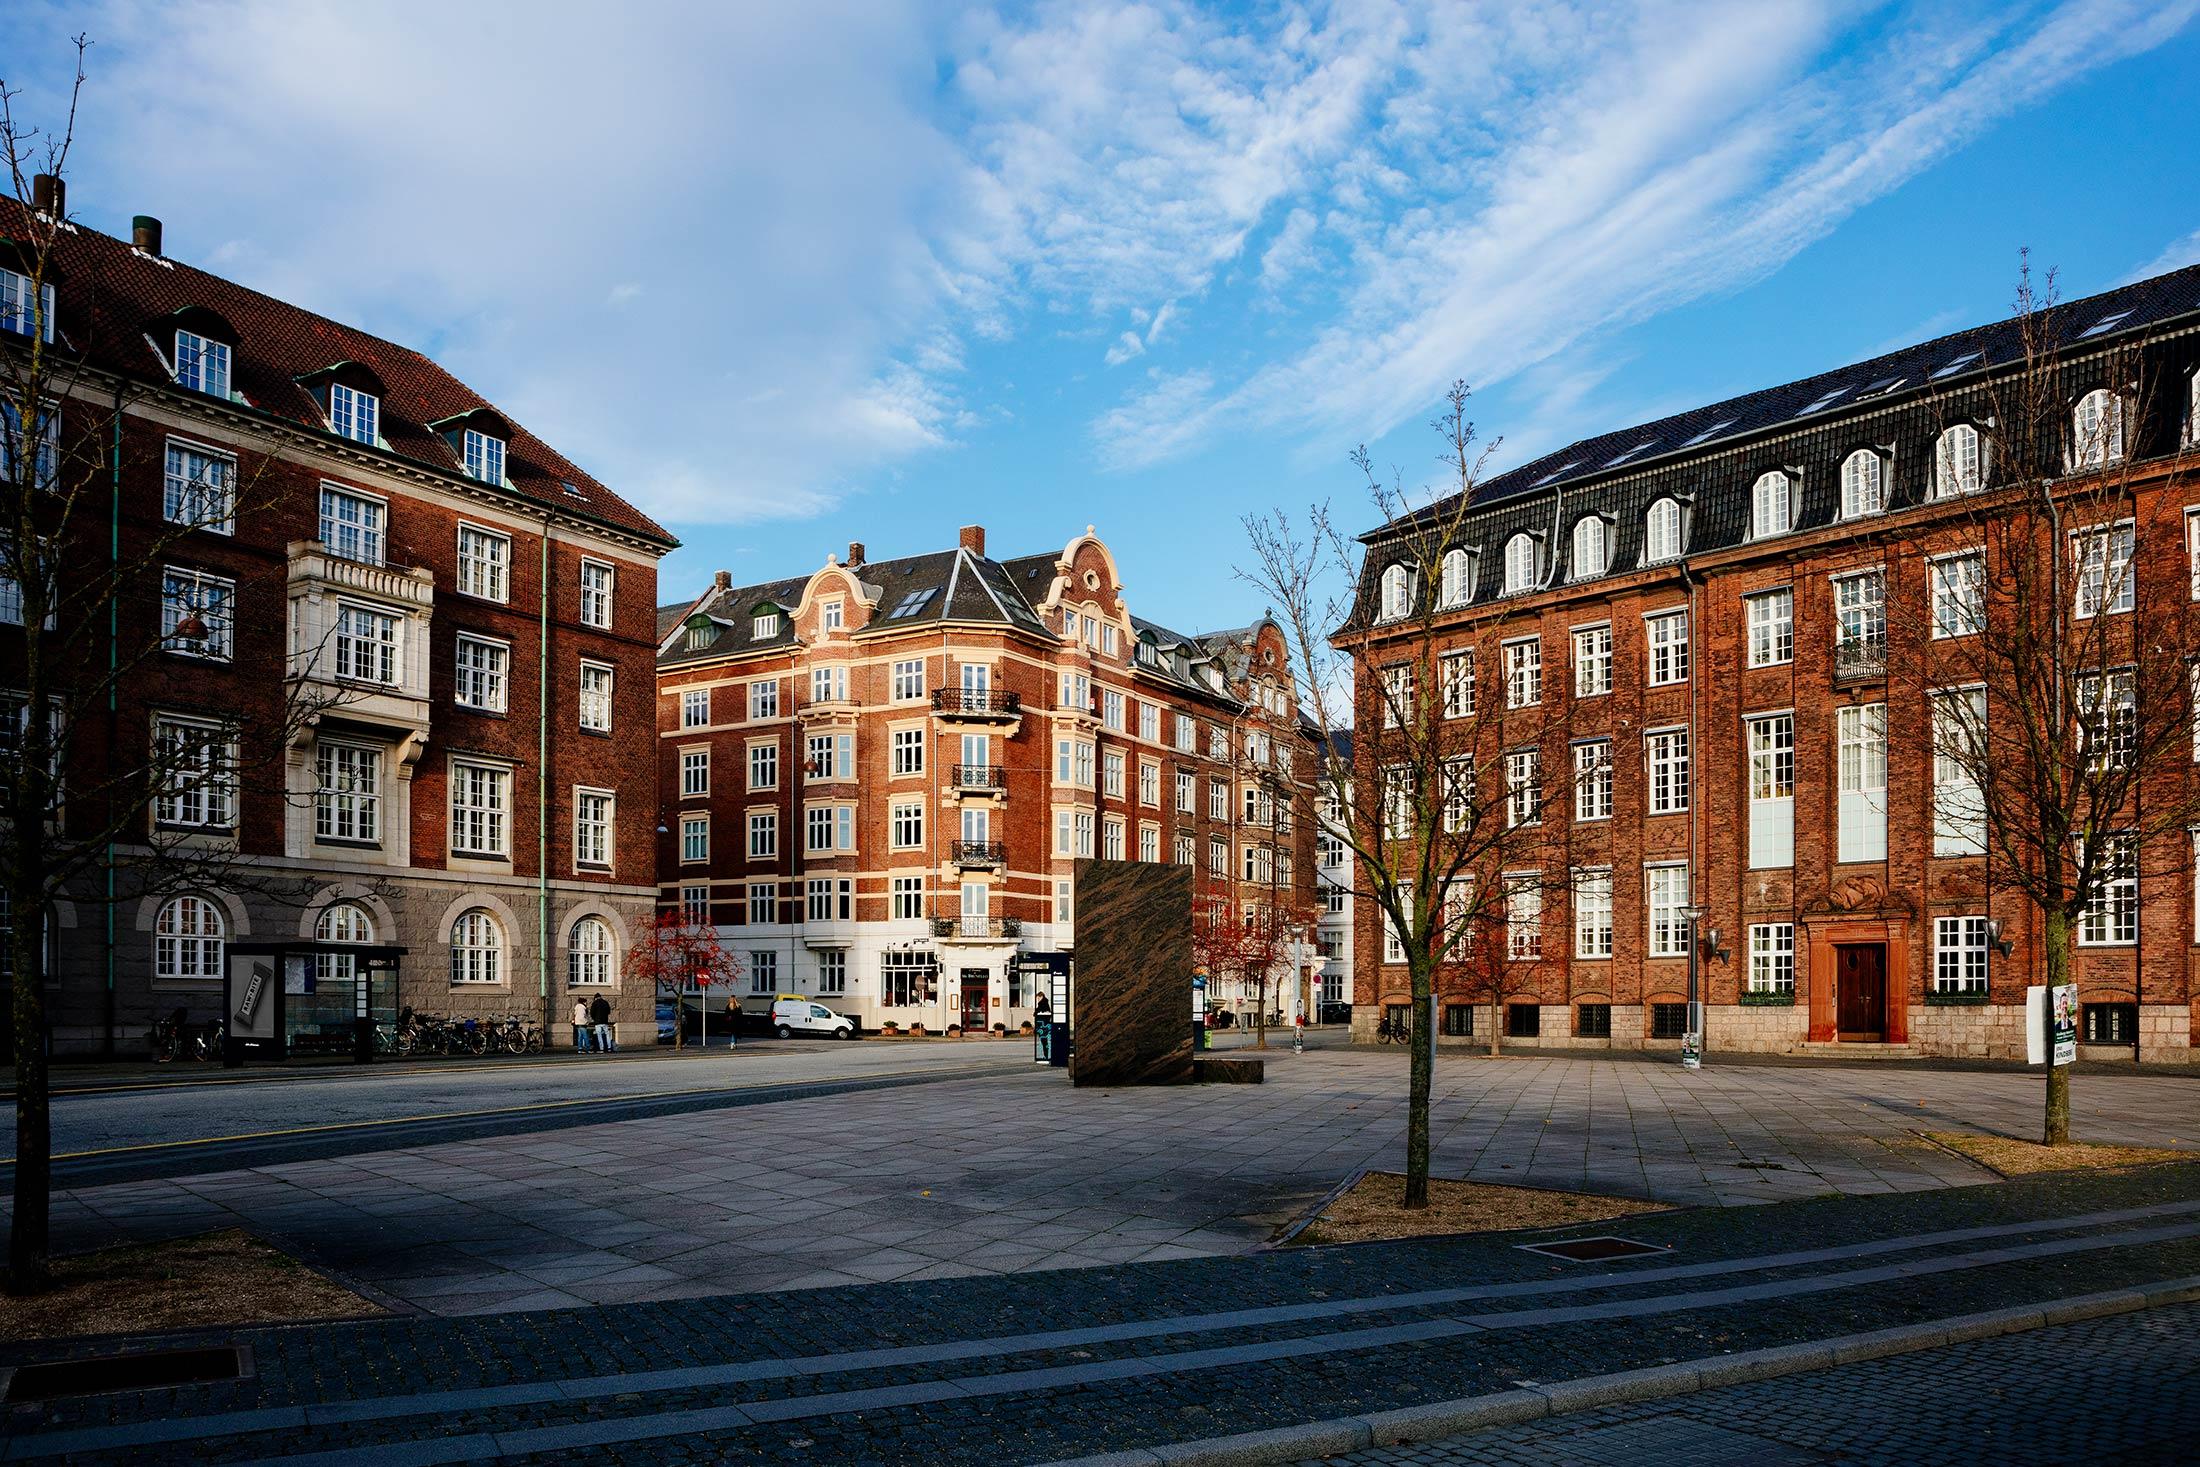 CPH_Kopenhagen_16-Mitja_Schneehage